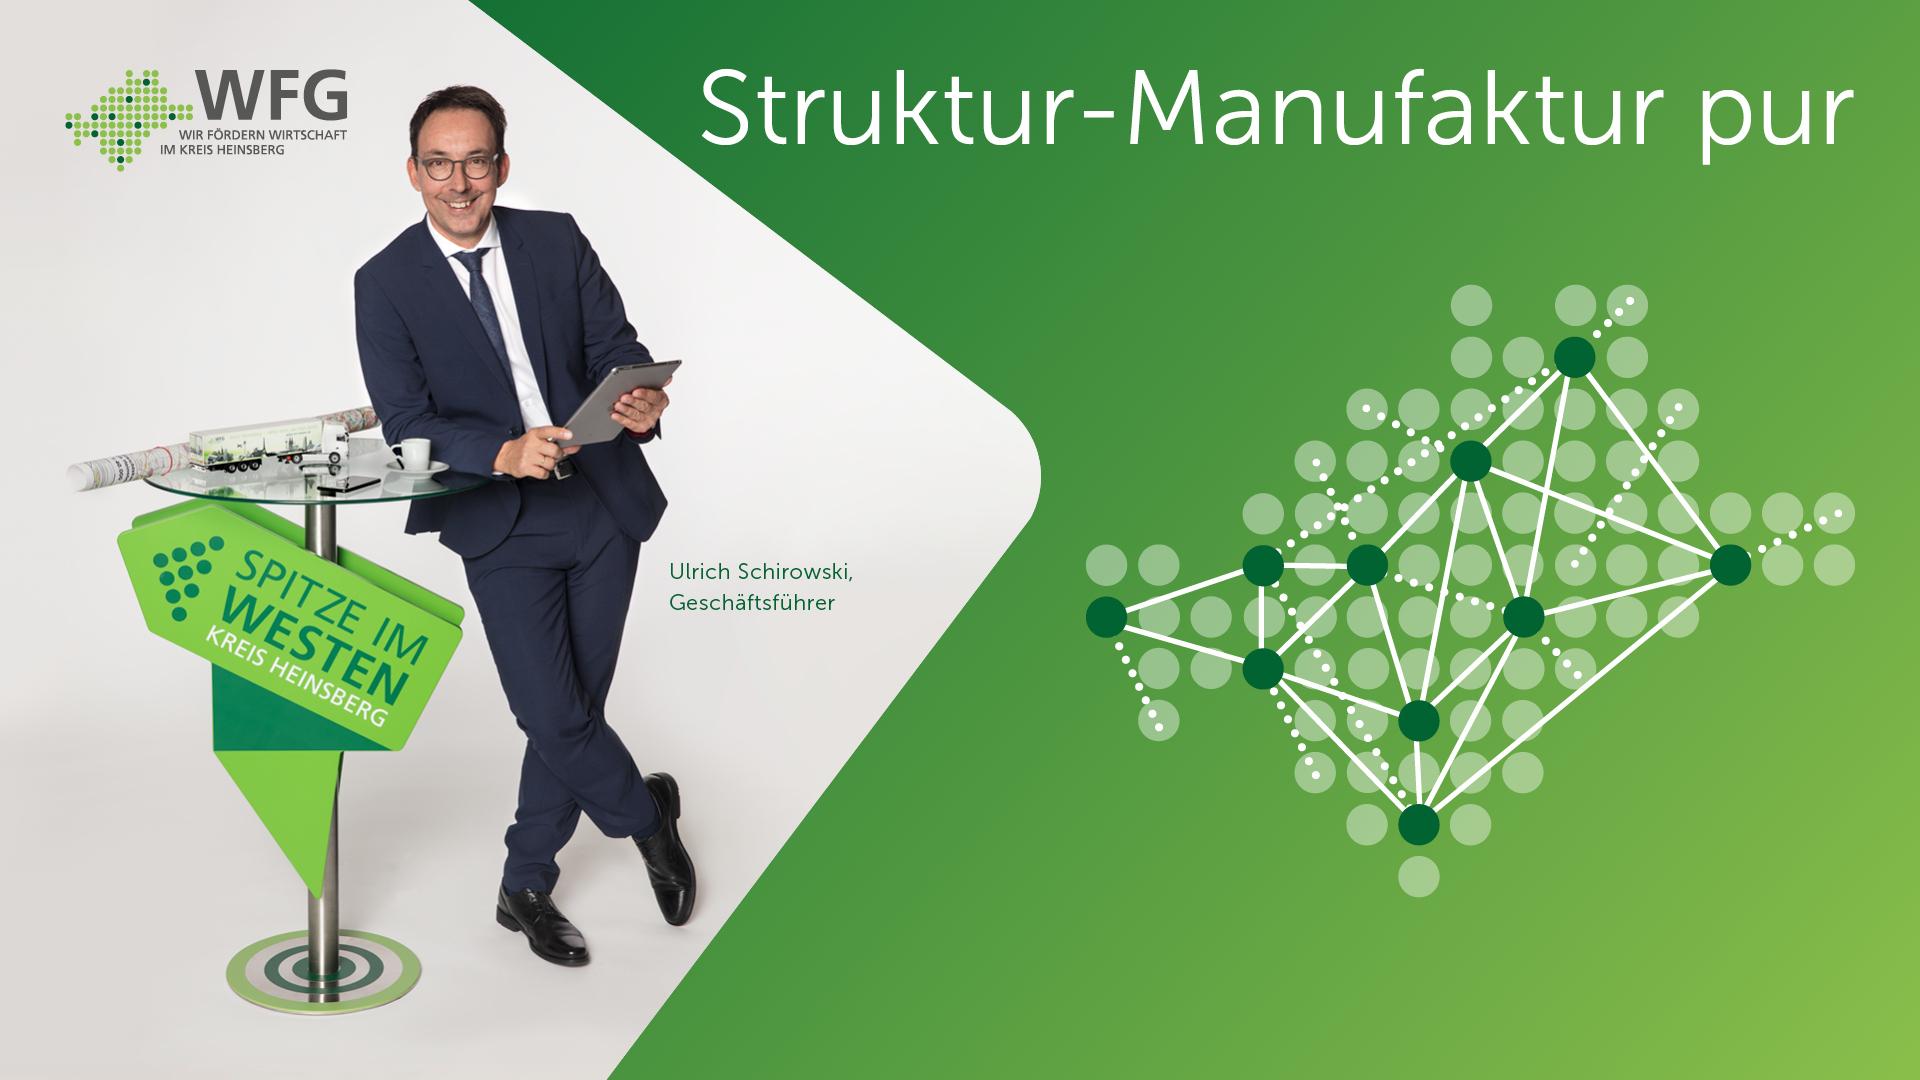 SiW4_WFG-Motive_Header_Struktur-Manufaktur